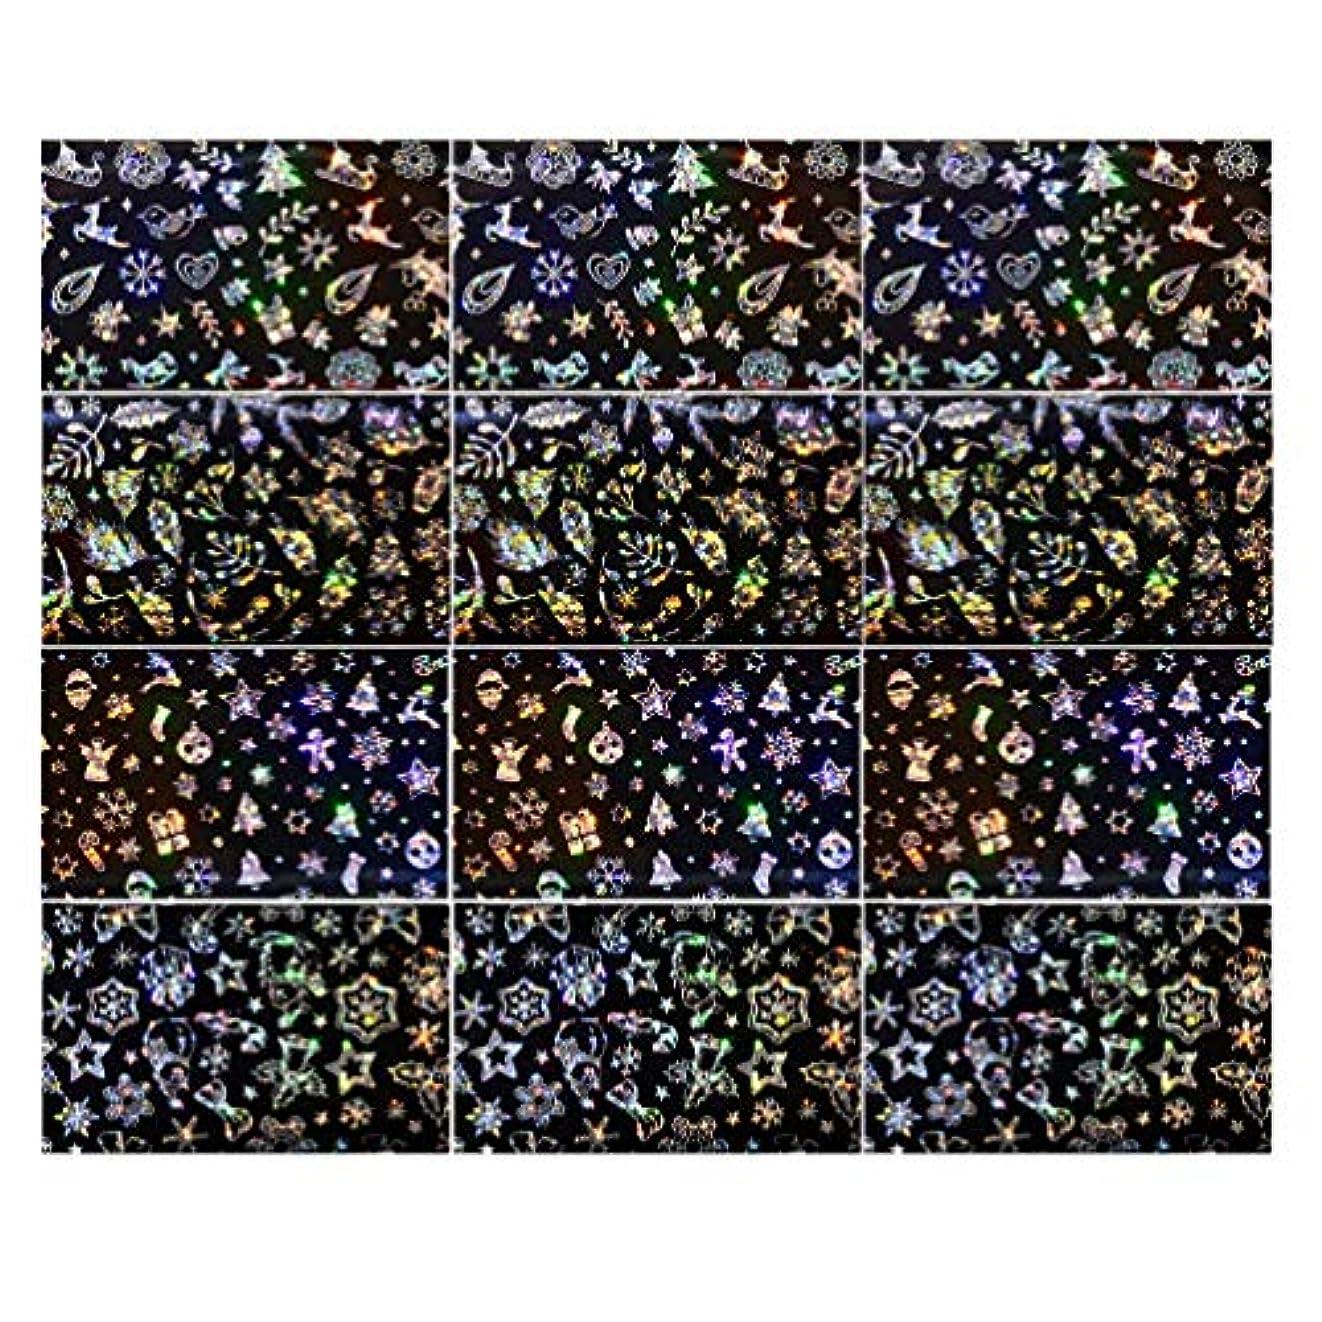 シュガー合唱団事前Lurrose 3セットクリスマスネイルステッカースノーフレークネイルタトゥーdiyネイルアート用女性マダムガールレディ